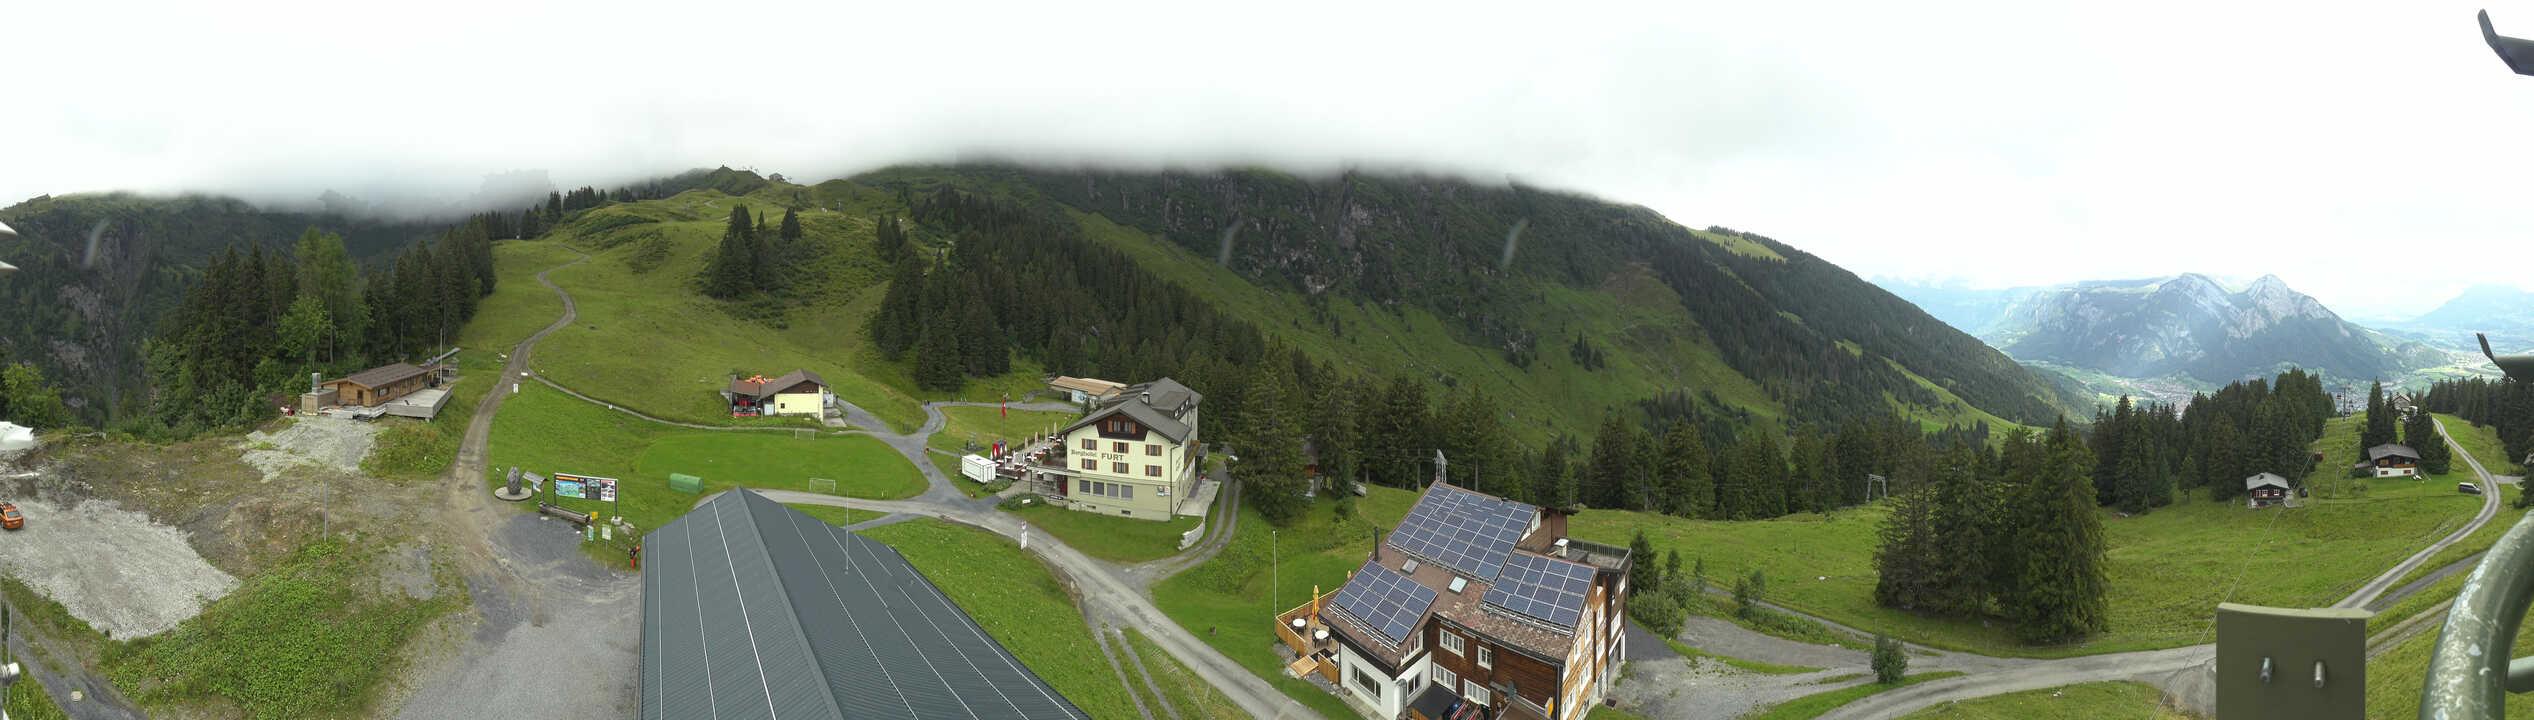 270°Blick feratel HD Webcam im Pizol Wangs - Furt